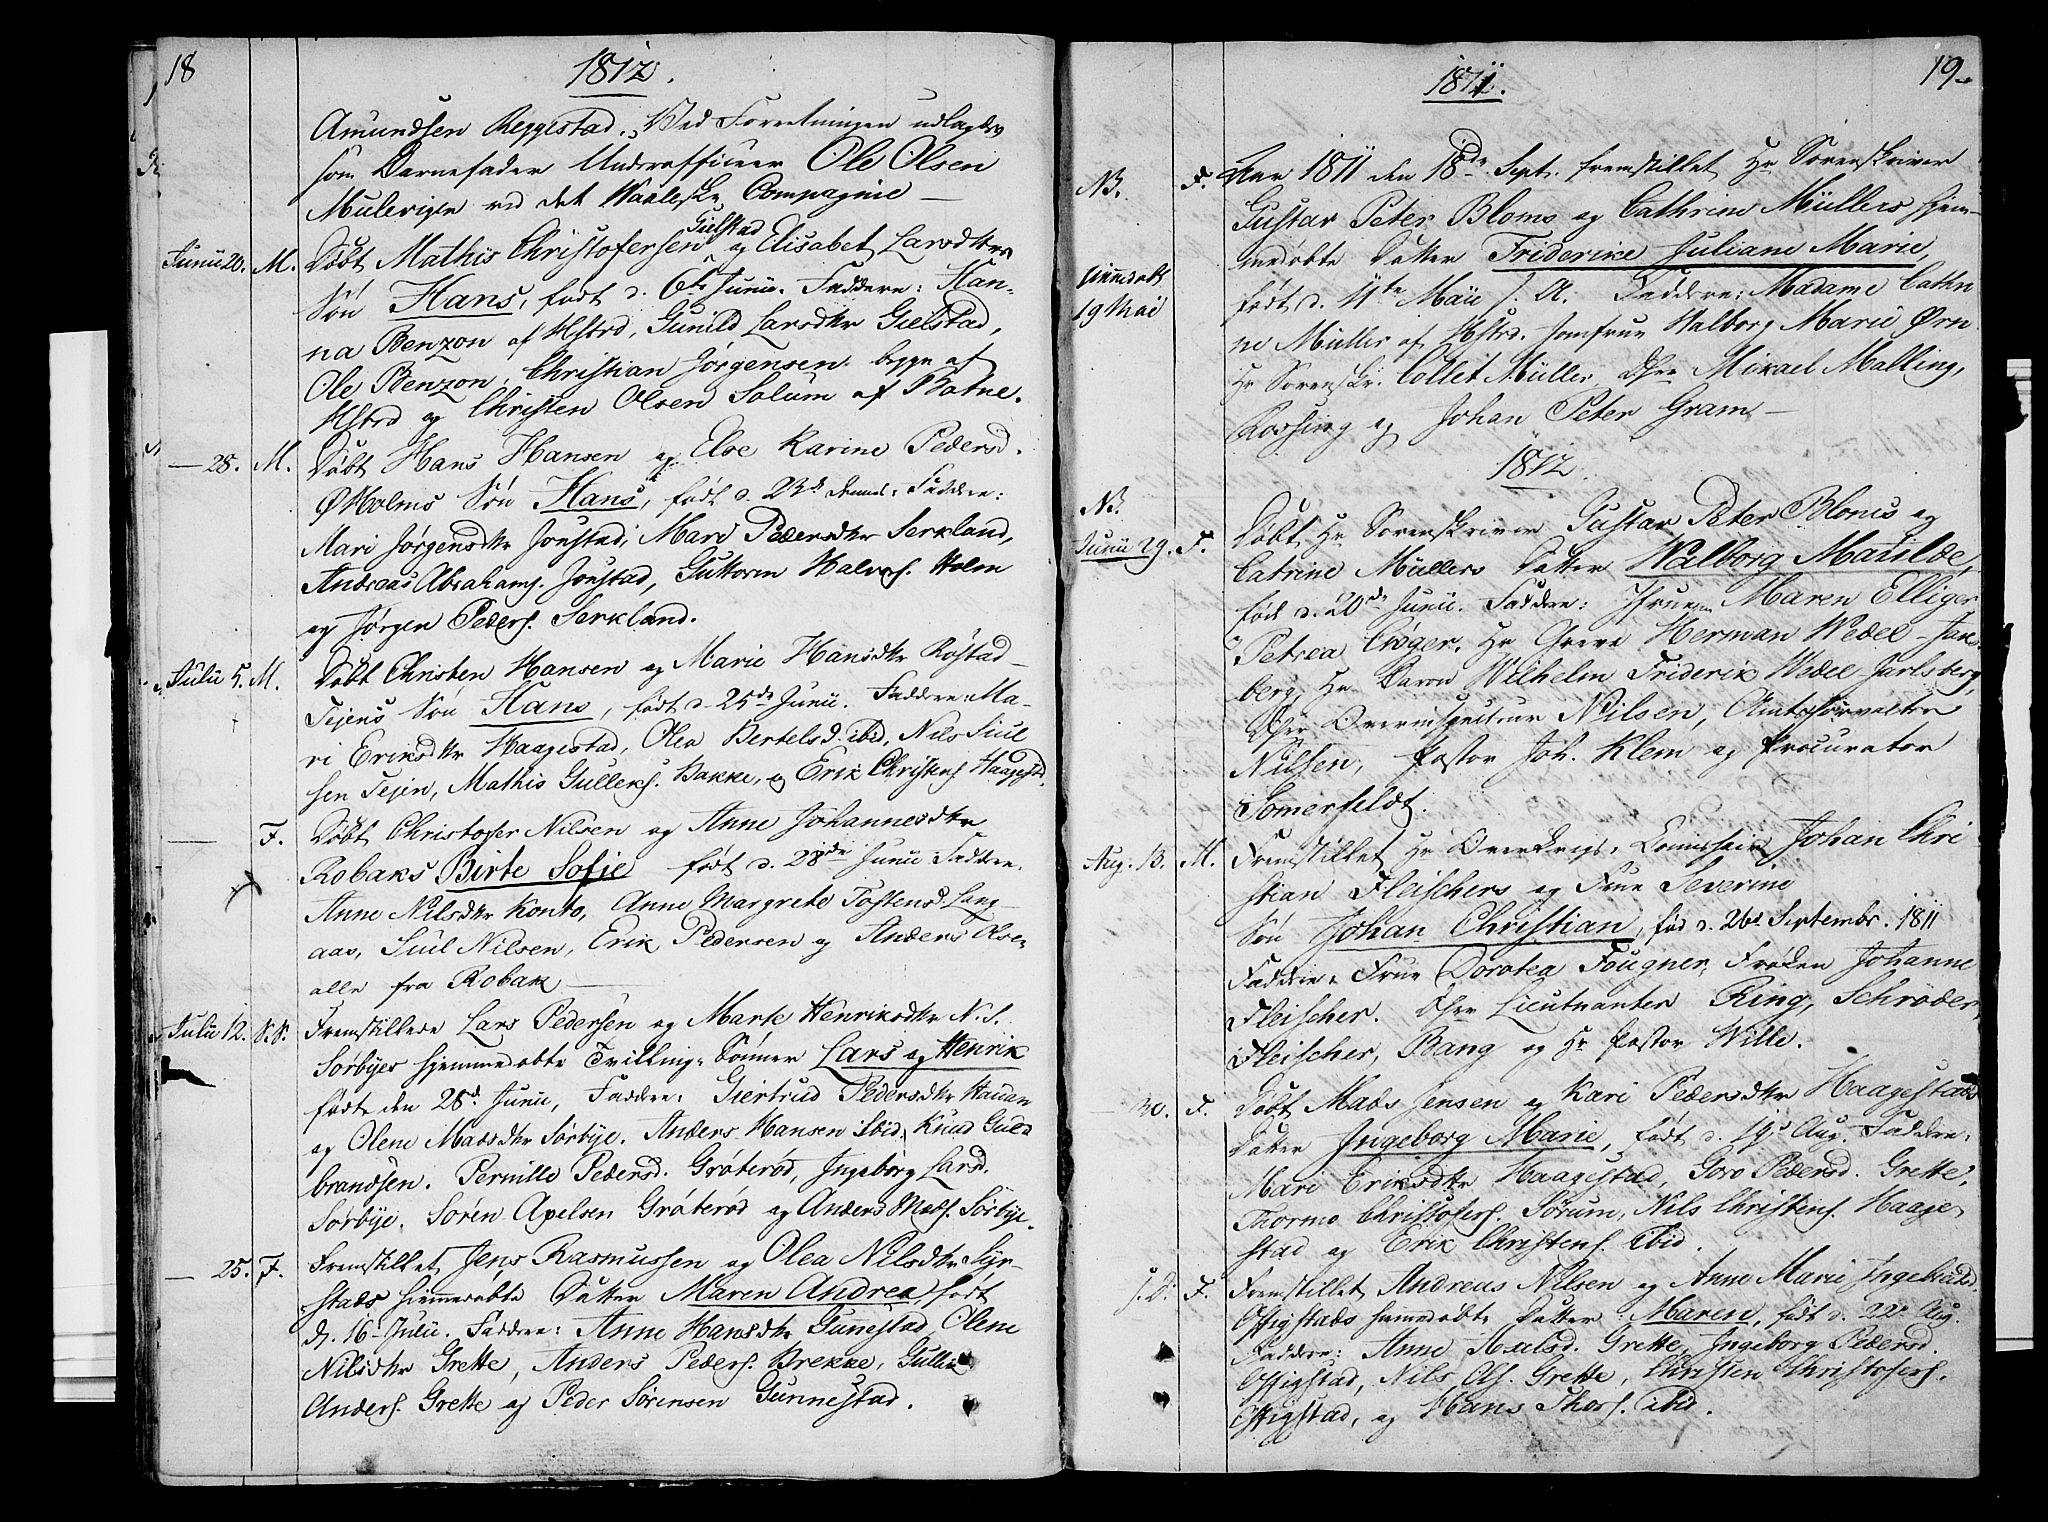 SAKO, Våle kirkebøker, F/Fa/L0006: Ministerialbok nr. I 6, 1808-1814, s. 18-19